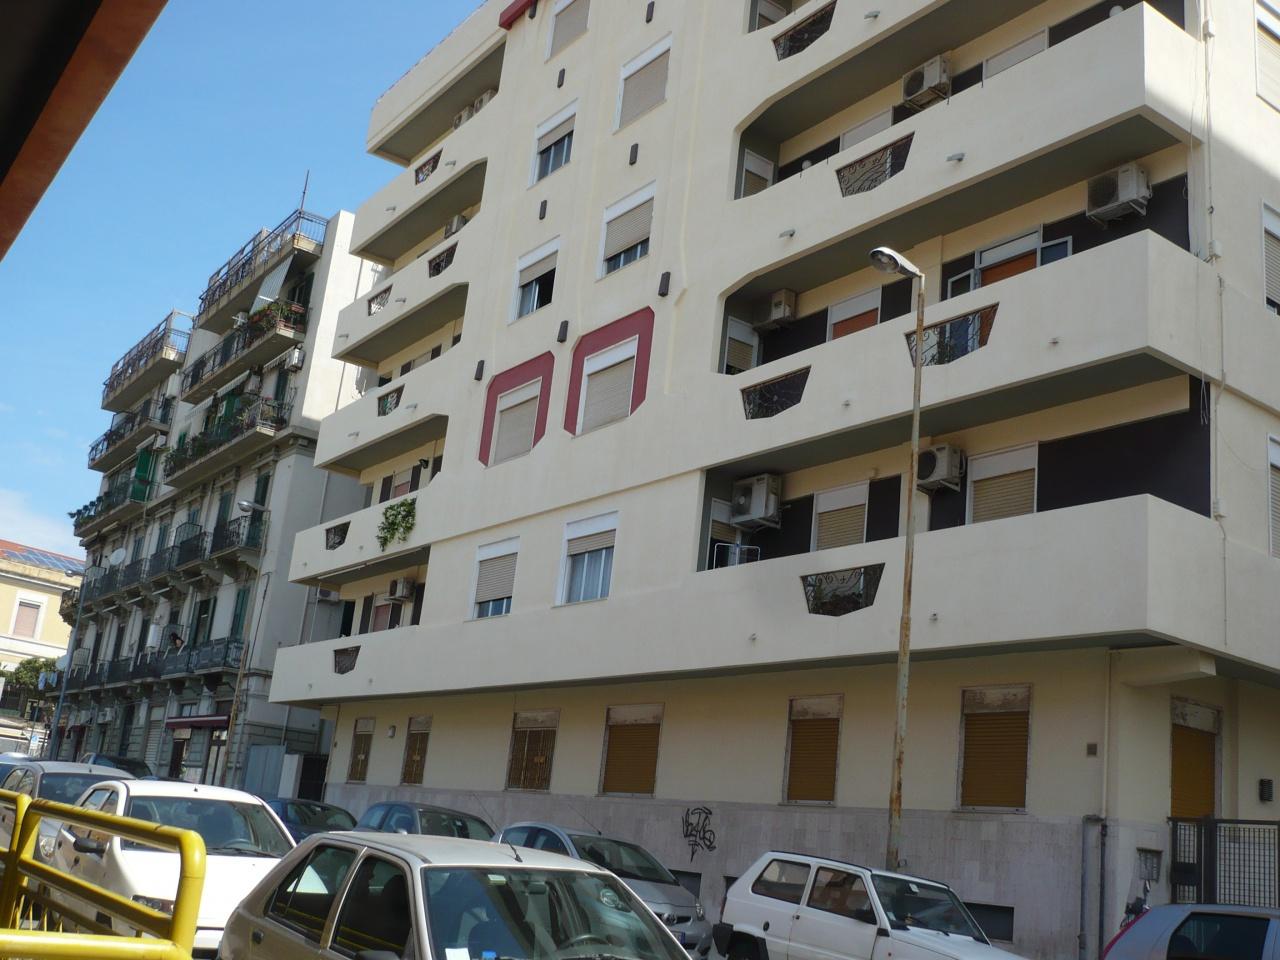 affitto appartamento messina centro citta'  350 euro  1 locali  50 mq